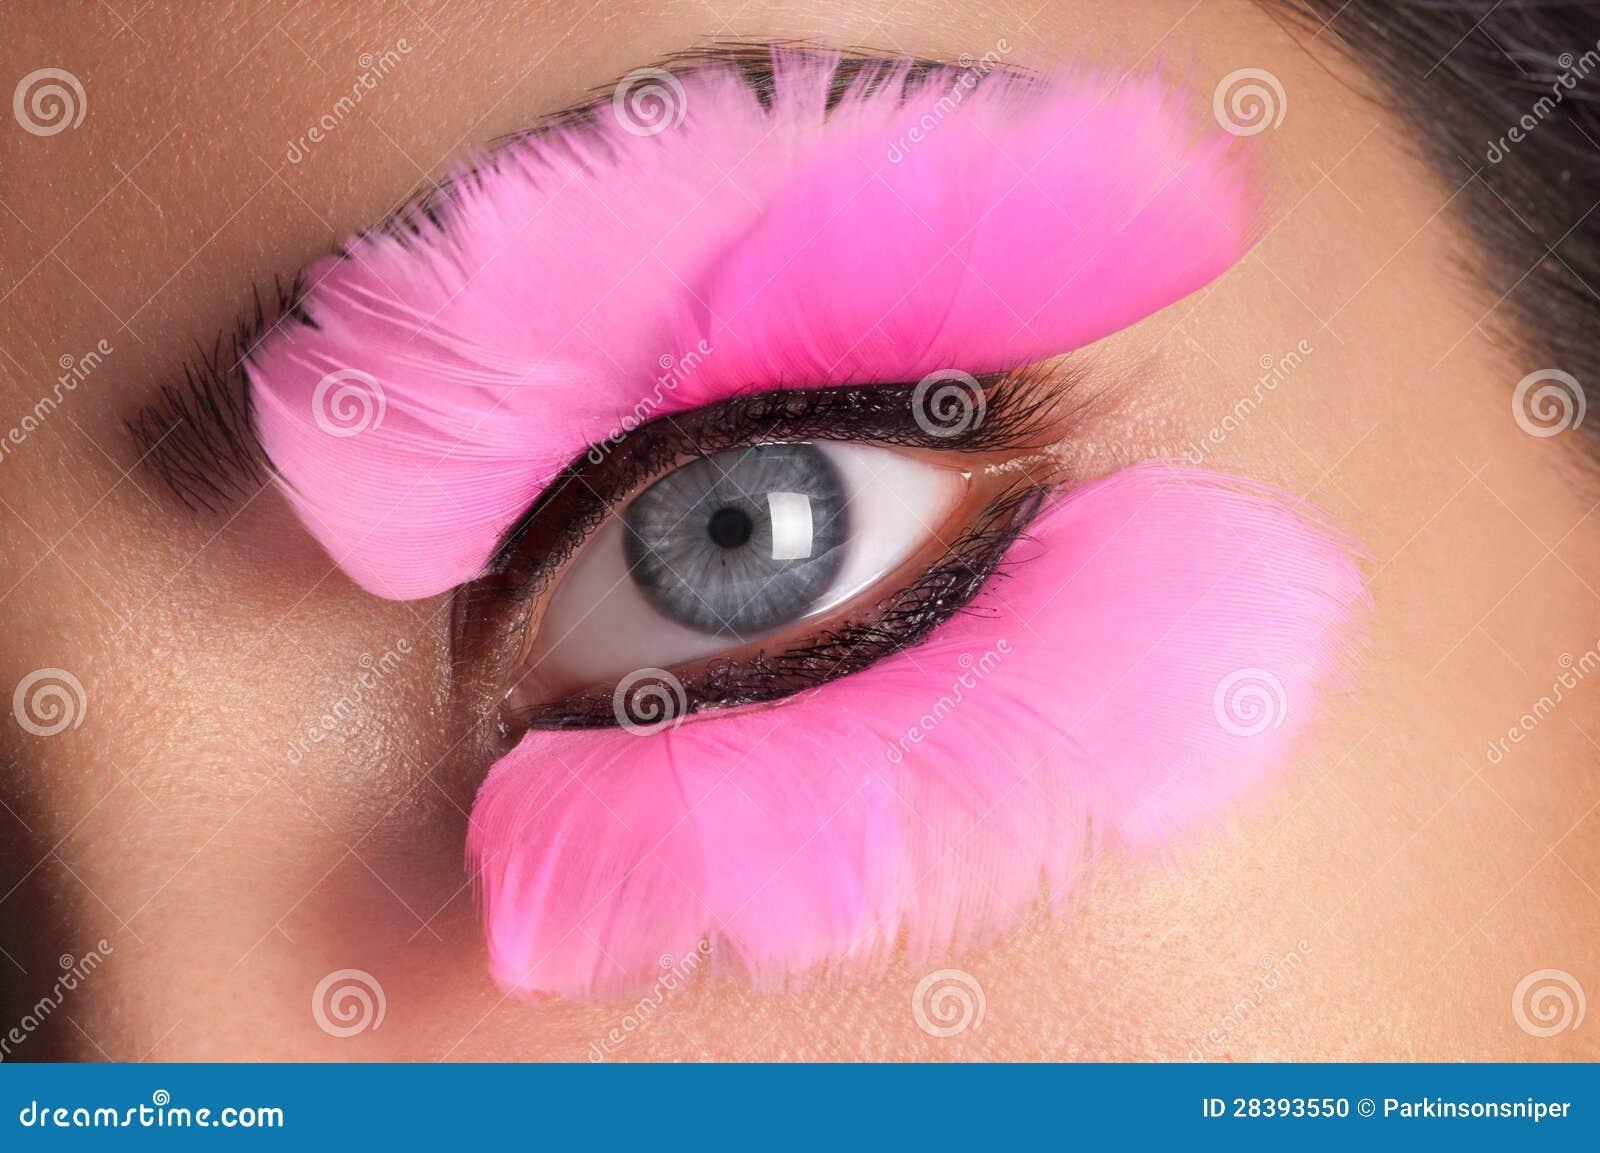 2ced302b762 Fake Eyelashes stock photo. Image of woman, fashion, girl - 28393550